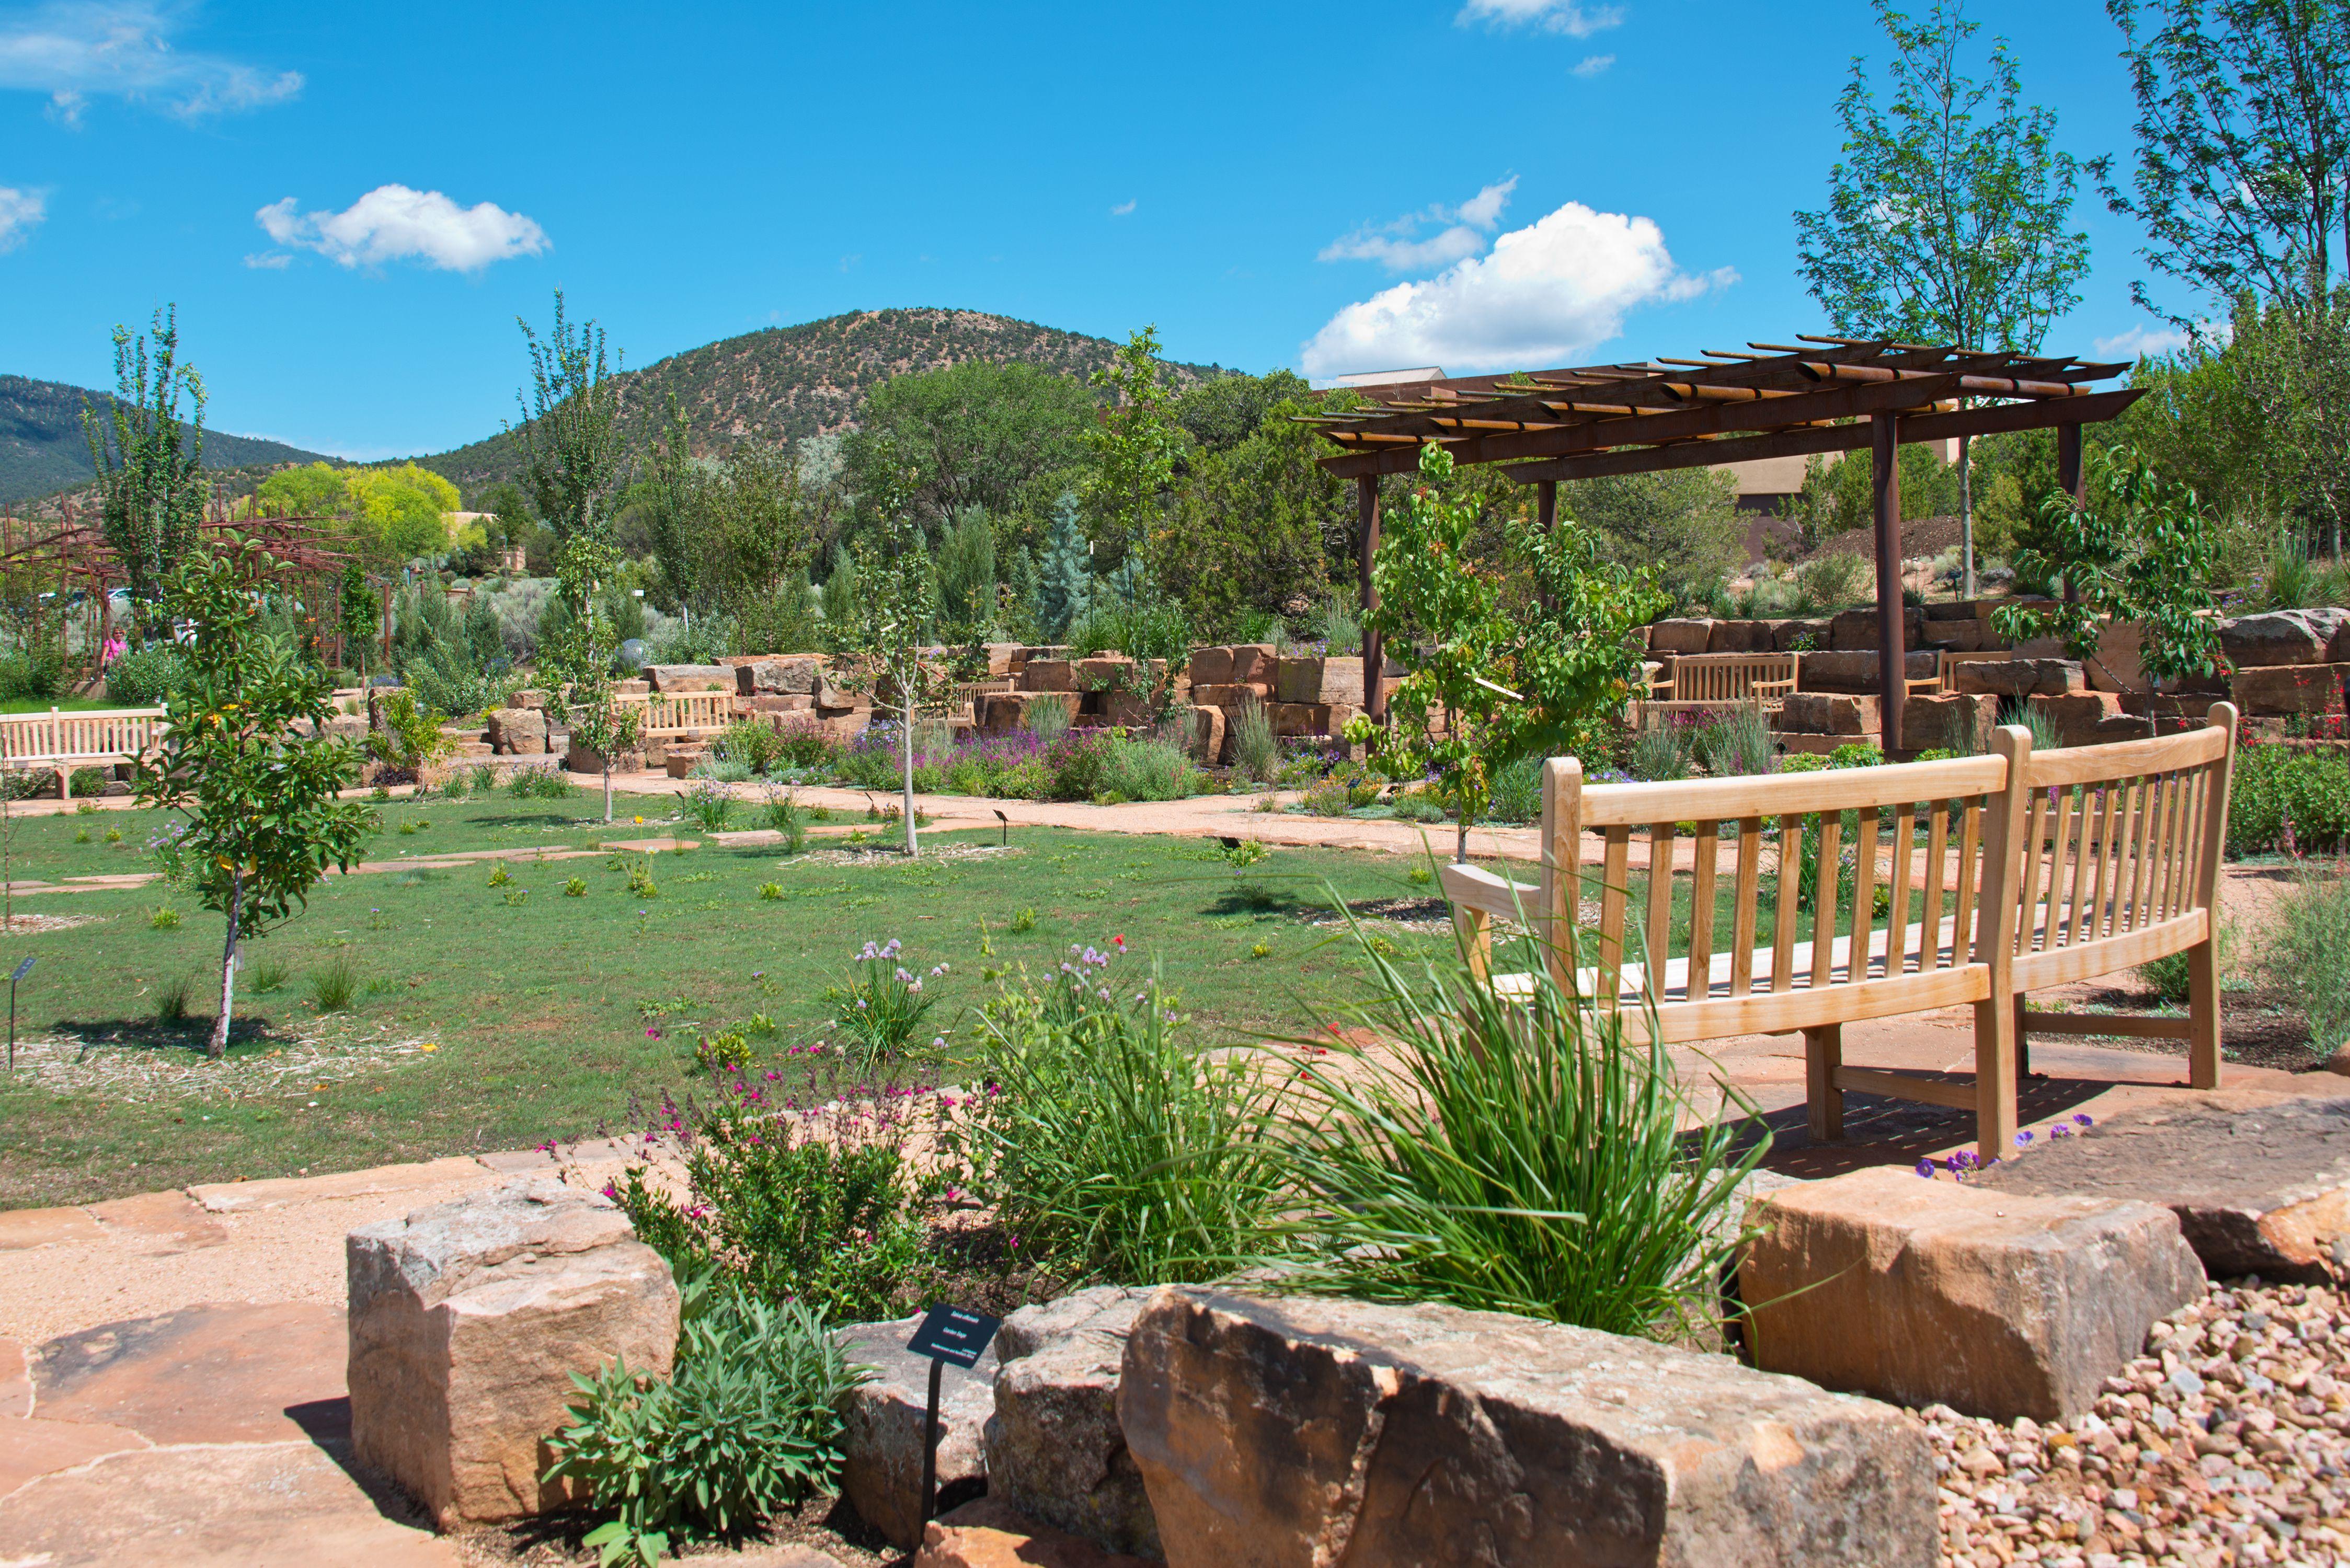 Flagstone Patio in Santa Fe Botanical Garden